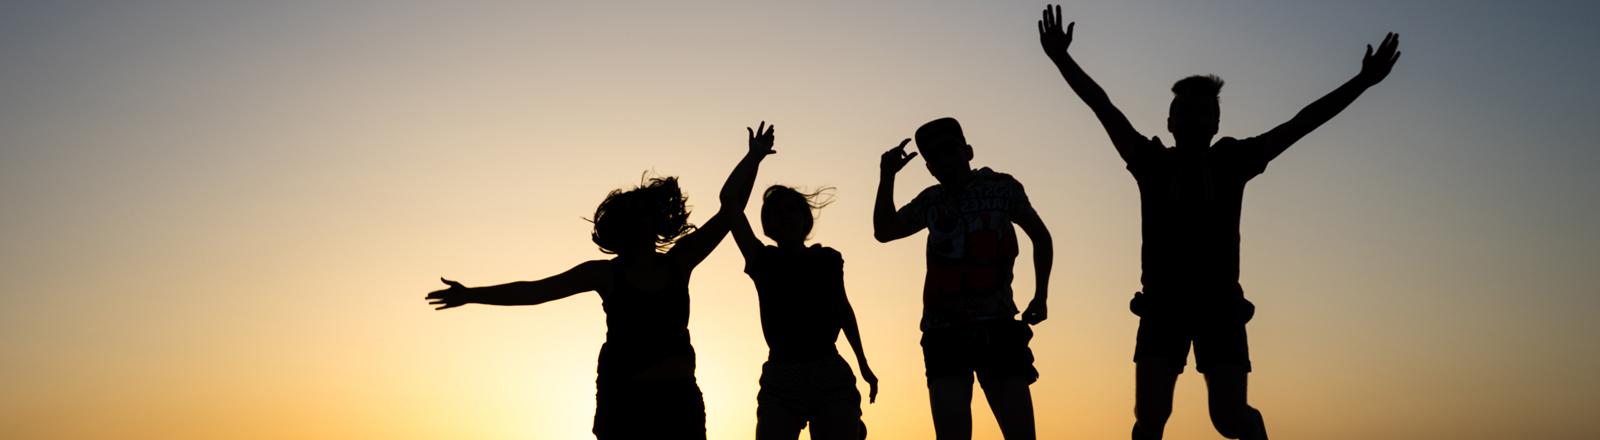 Studenten springen vor einem Sonnenuntergang in die Luft.